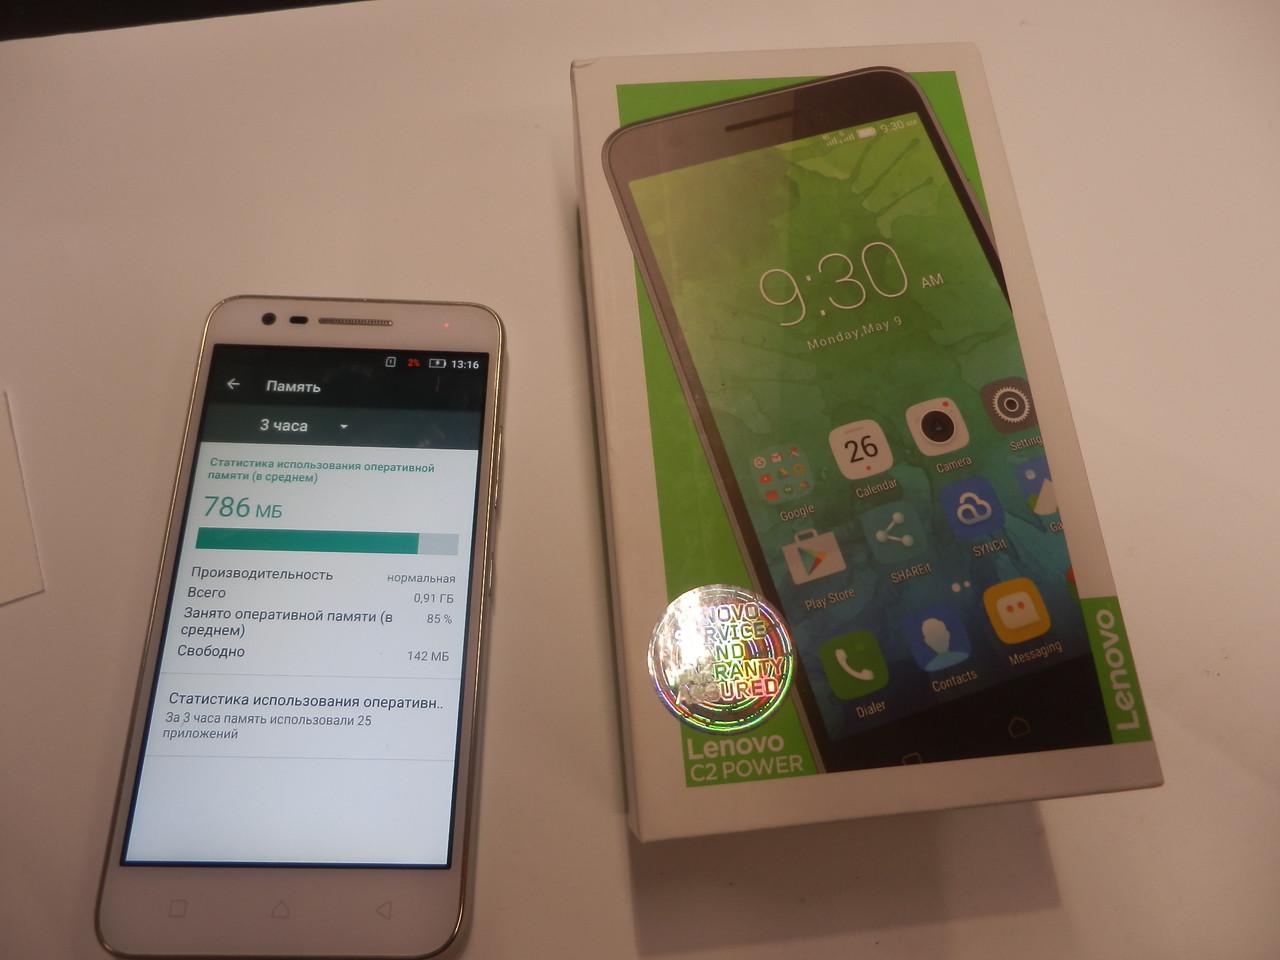 Мобільний телефон Lenovo C2 Power (K10a40) 381ВР